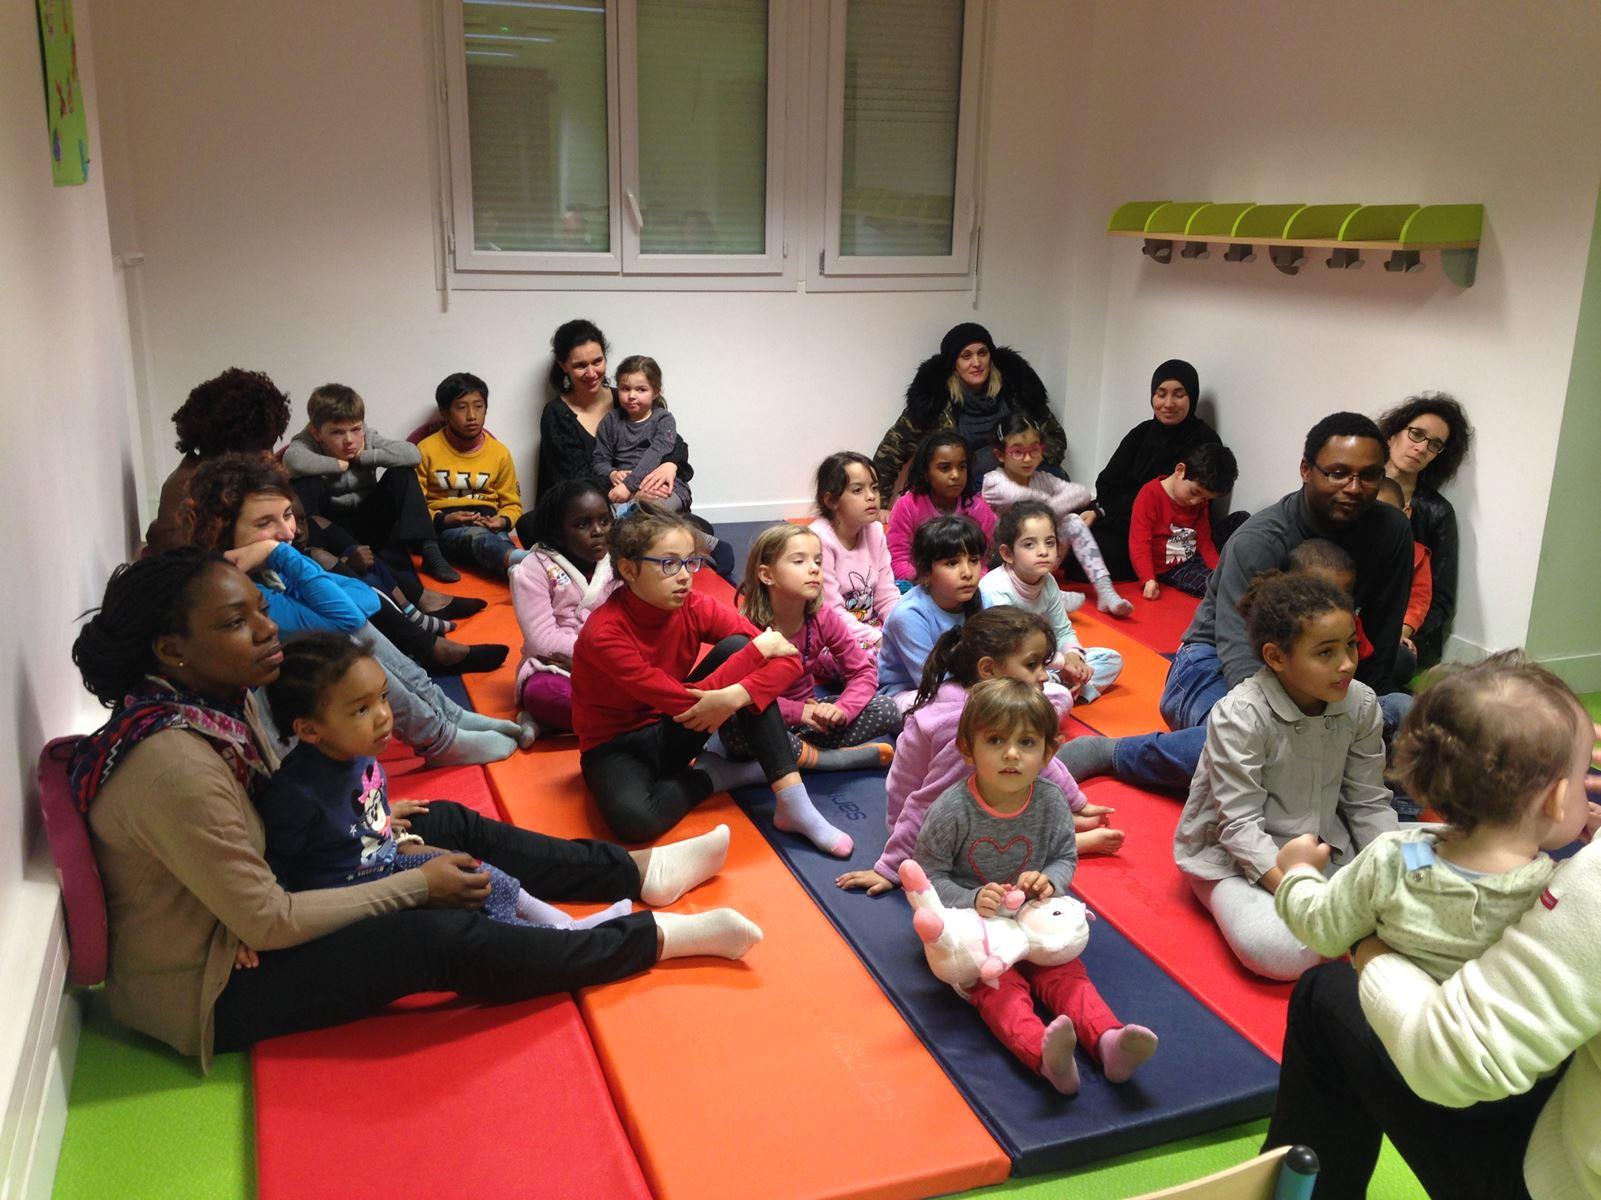 Cette semaine centre social la nnec - Centre social laennec ...